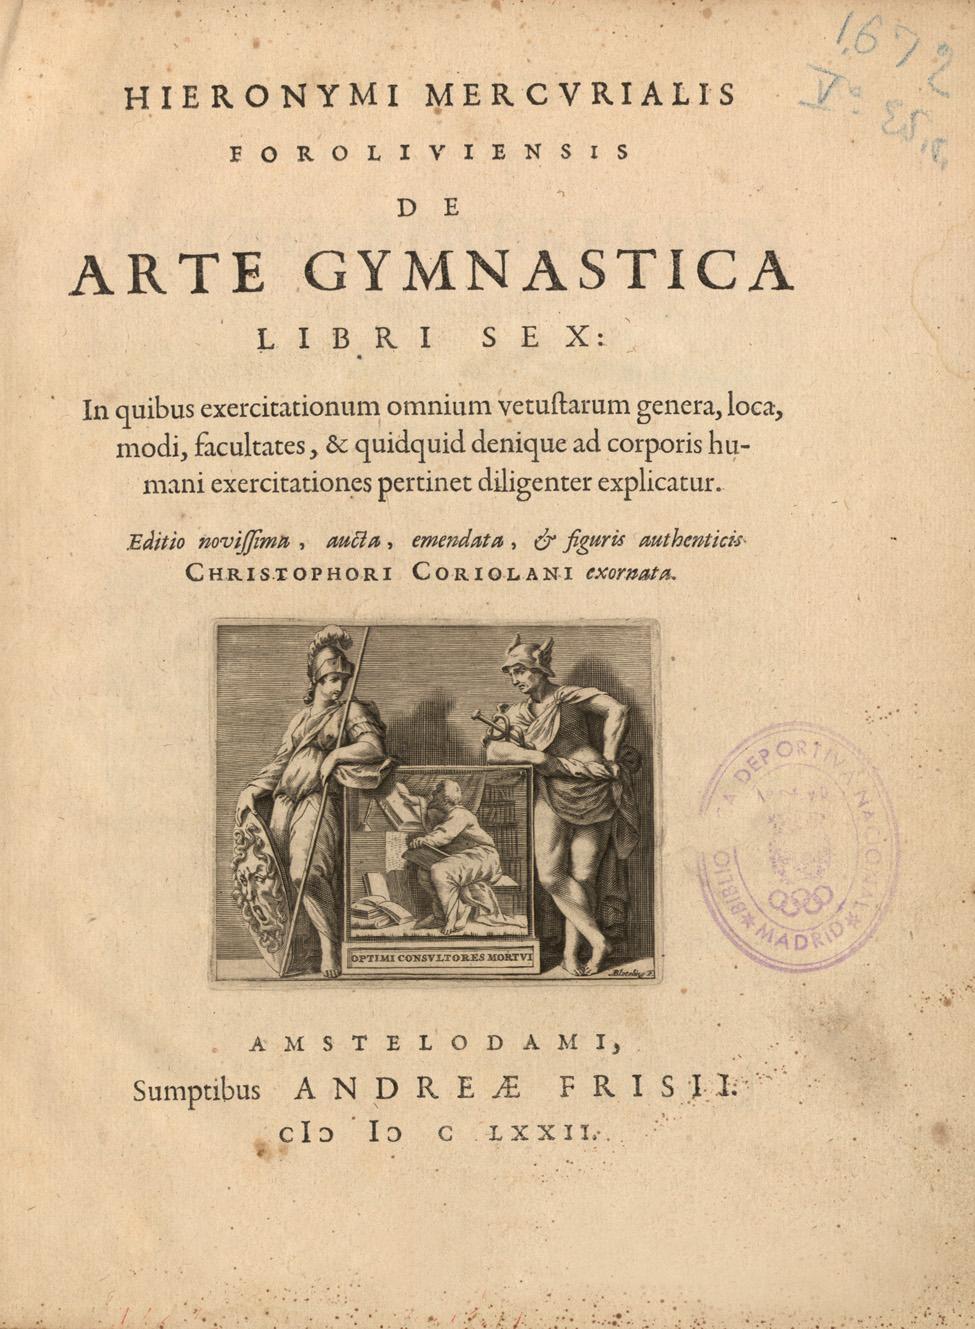 De arte gymnastica libri sex, 1672